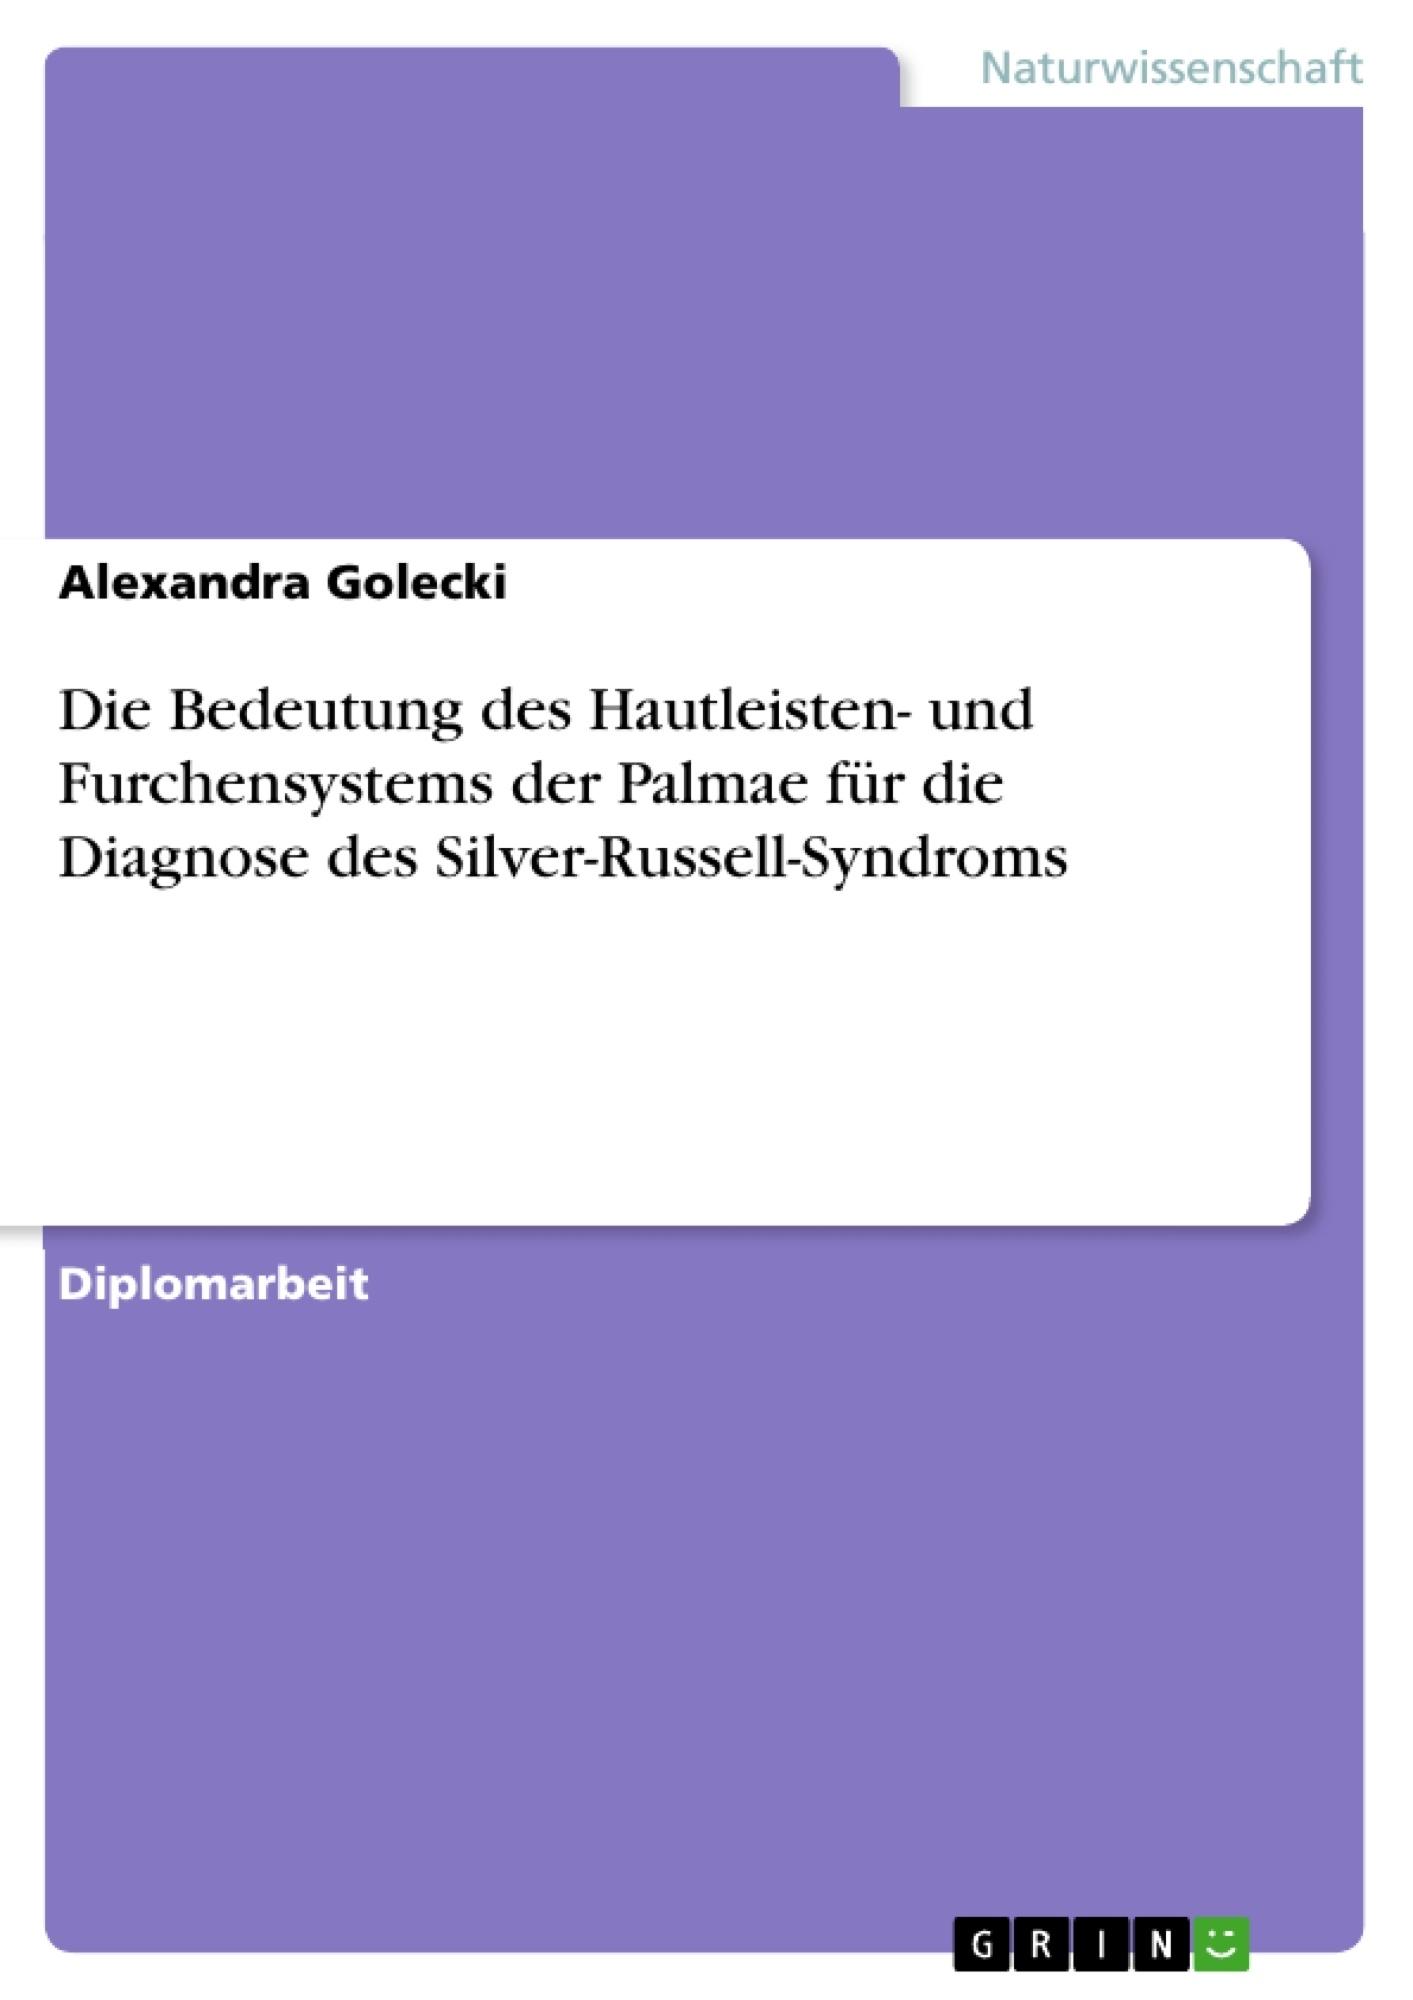 Titel: Die Bedeutung des Hautleisten- und Furchensystems der Palmae für die Diagnose des Silver-Russell-Syndroms